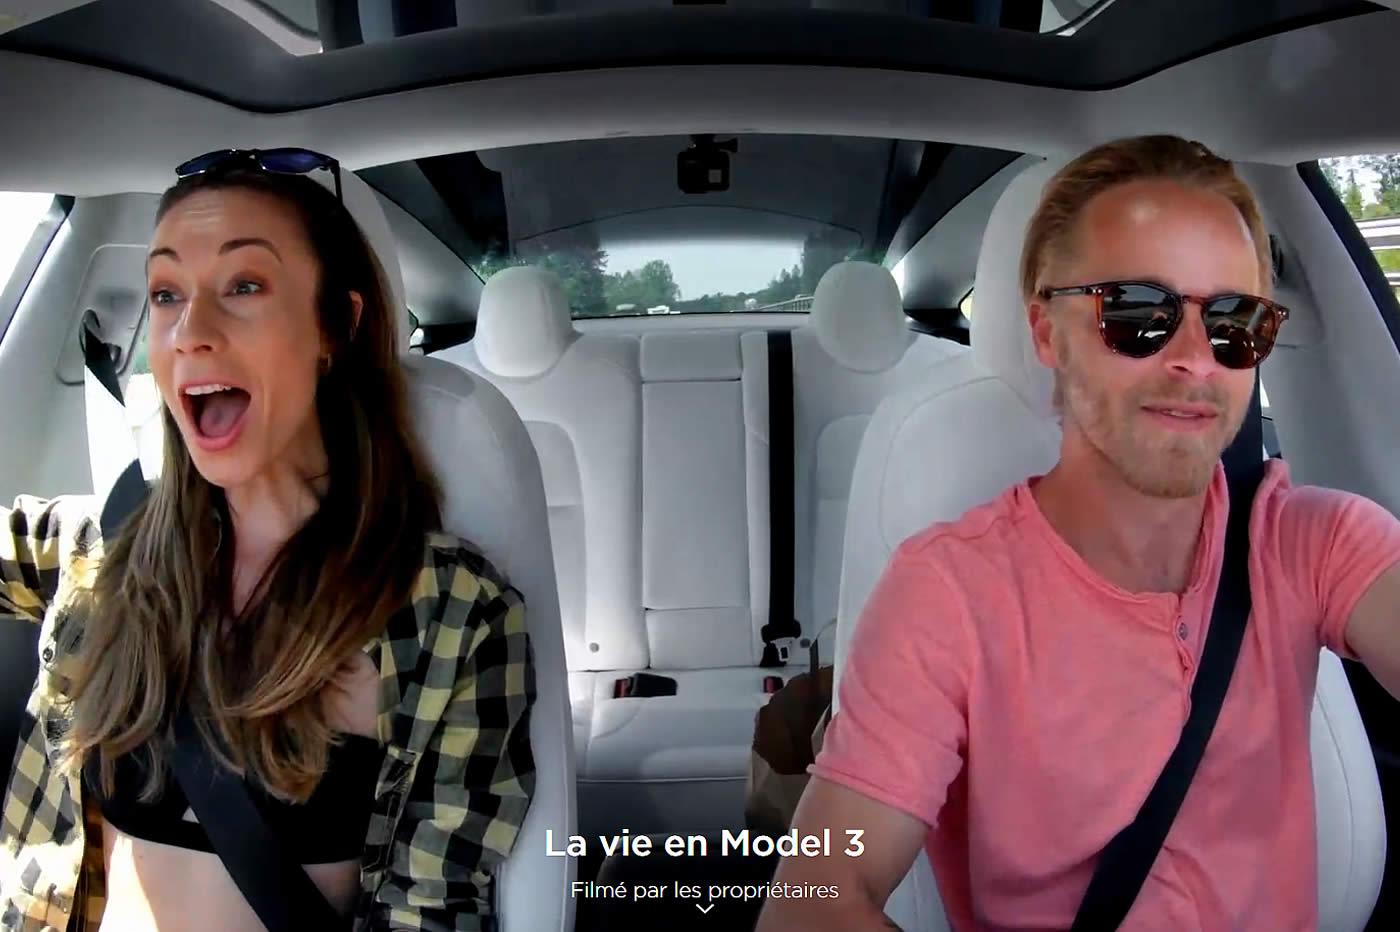 la vie en Model 3